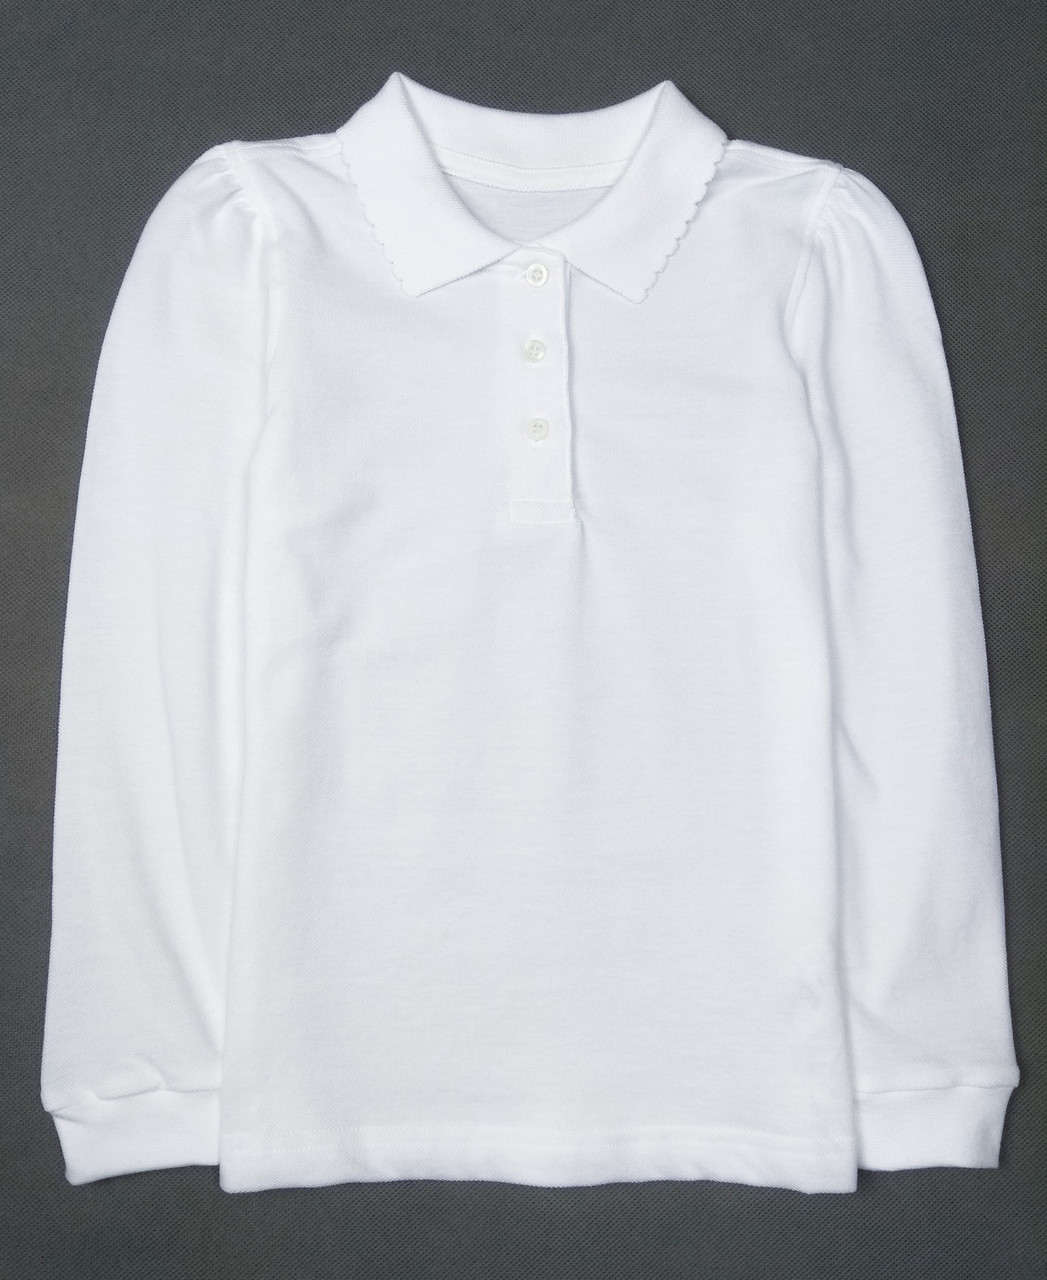 Футболка поло белая George для девочки Regular Fit, 12-13л (152-158см)